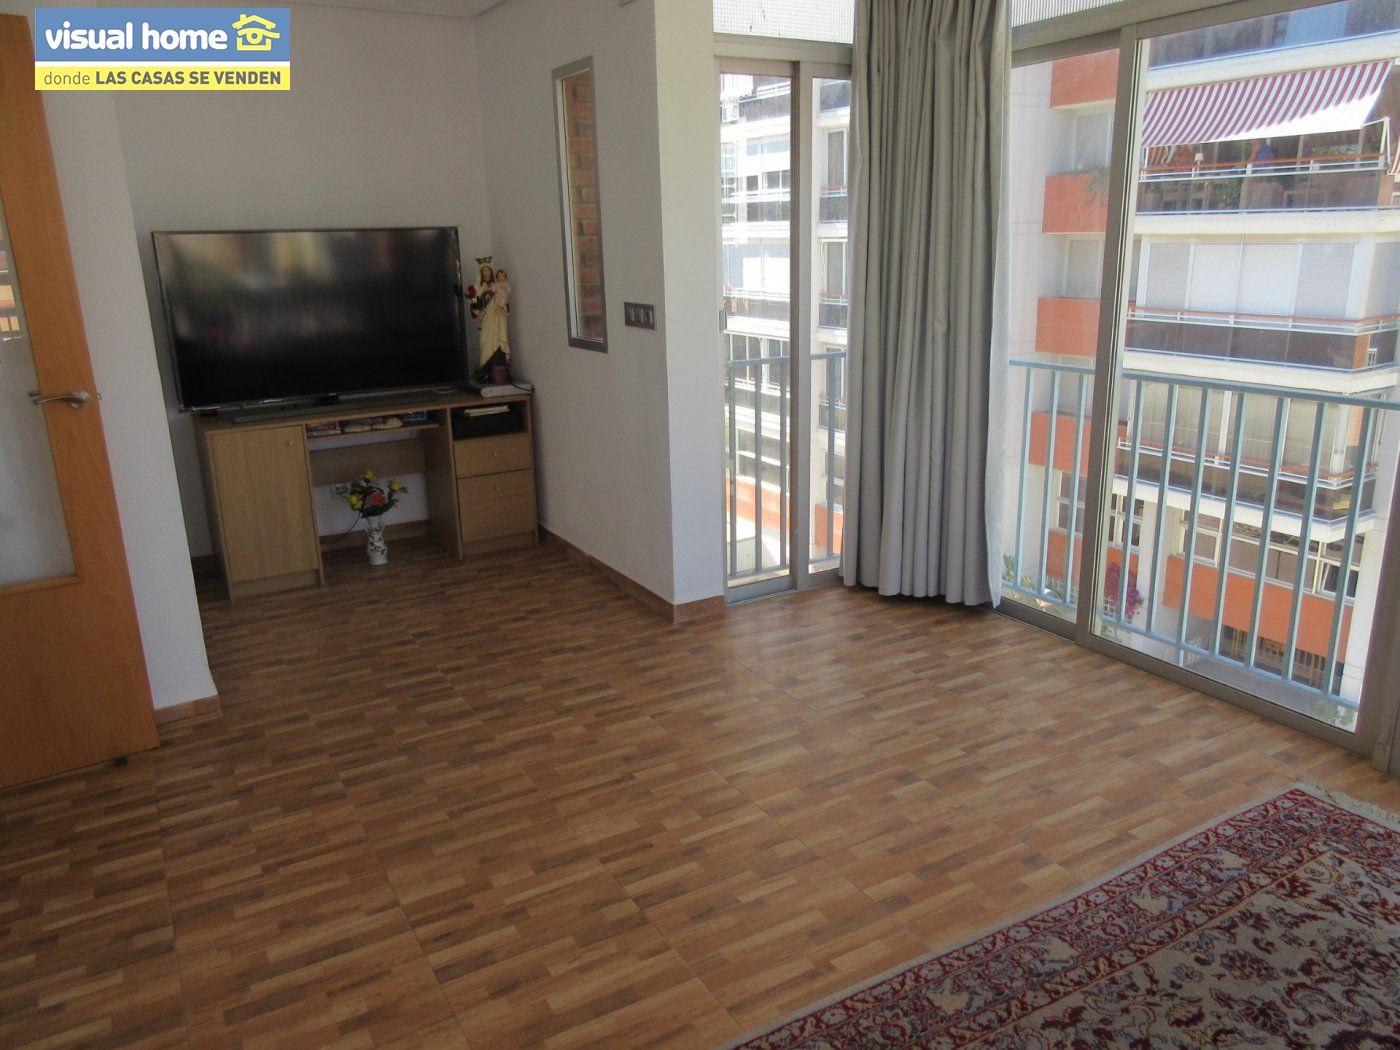 Apartamento todo exterior en Av/ Mediterráneo con garaje y piscina a 50 mts de la playa 20